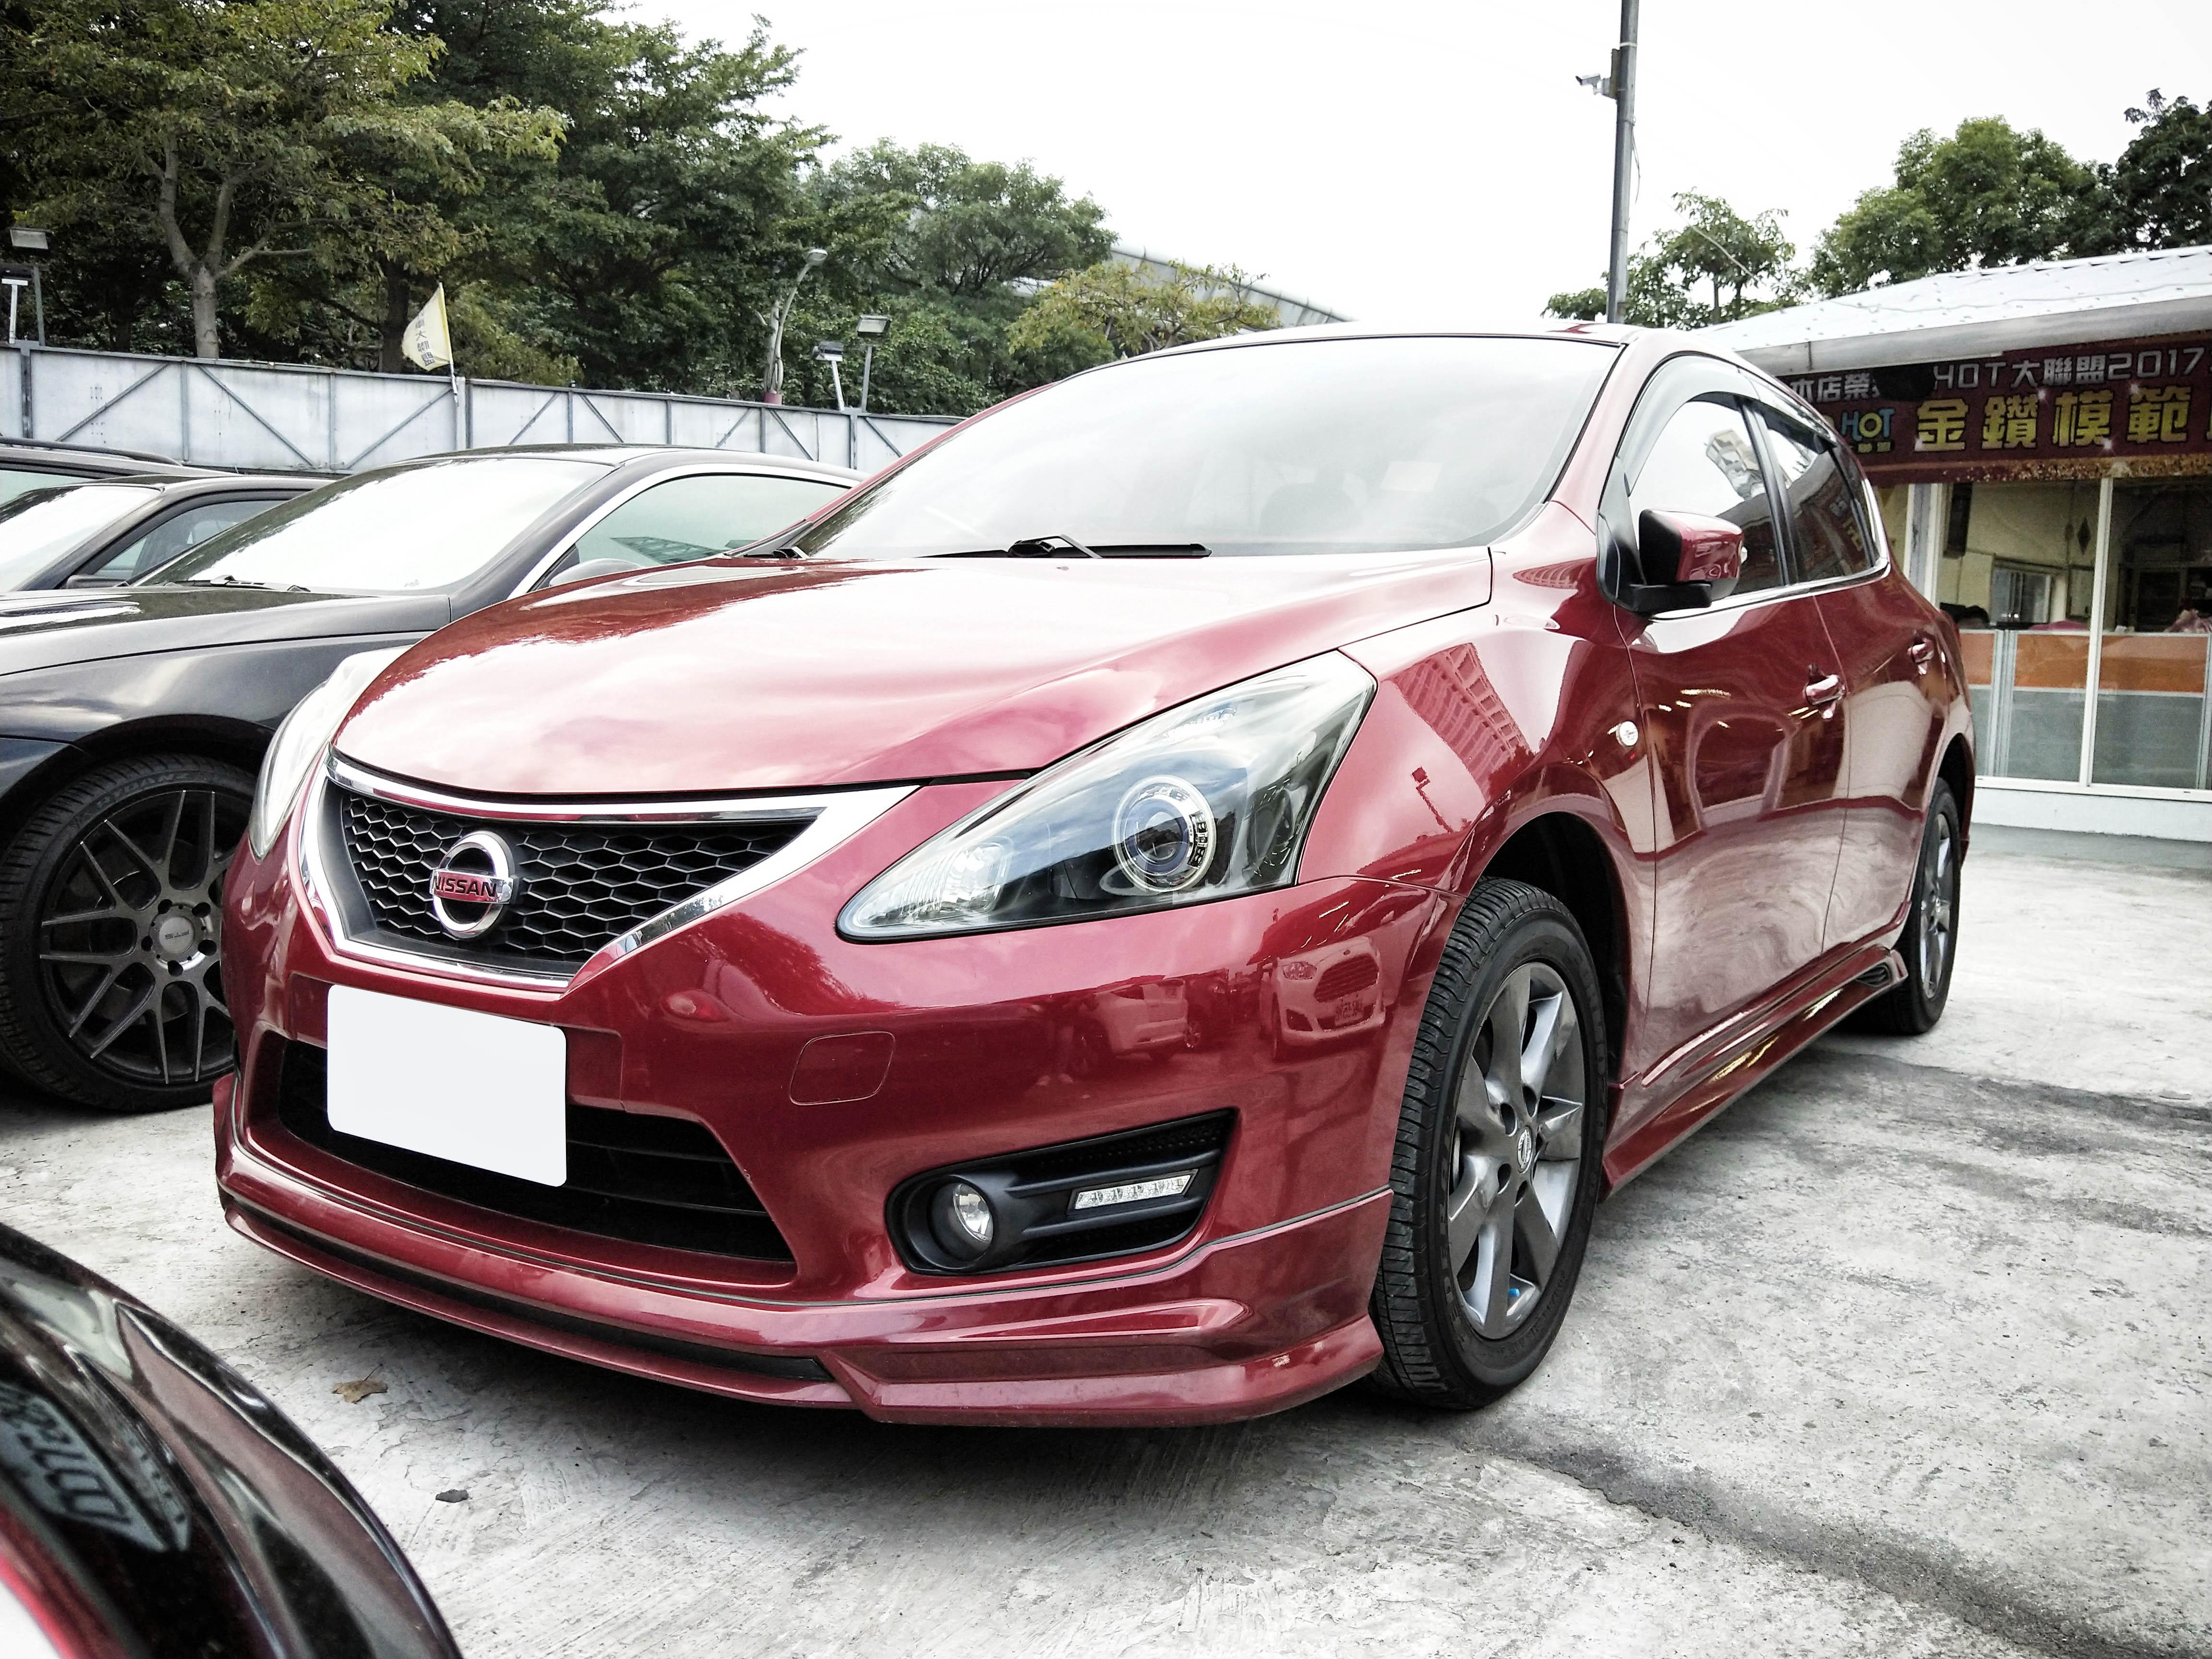 2013 Nissan Tiida